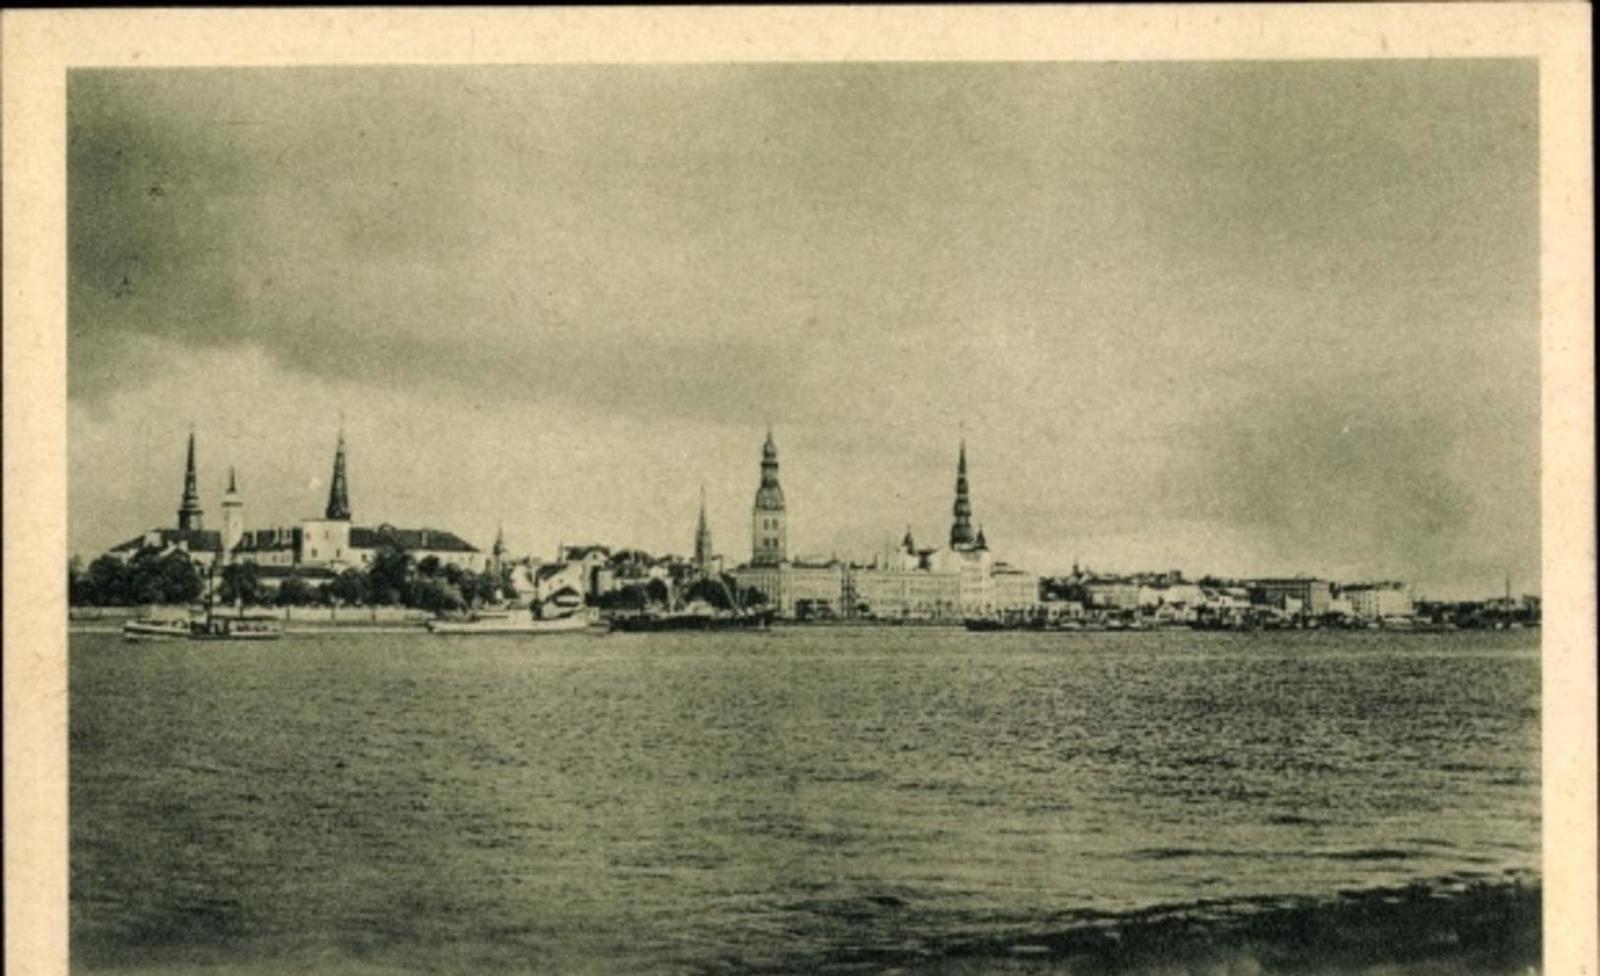 Riga -  Cp Riga Lettland, Panorama vom Ort